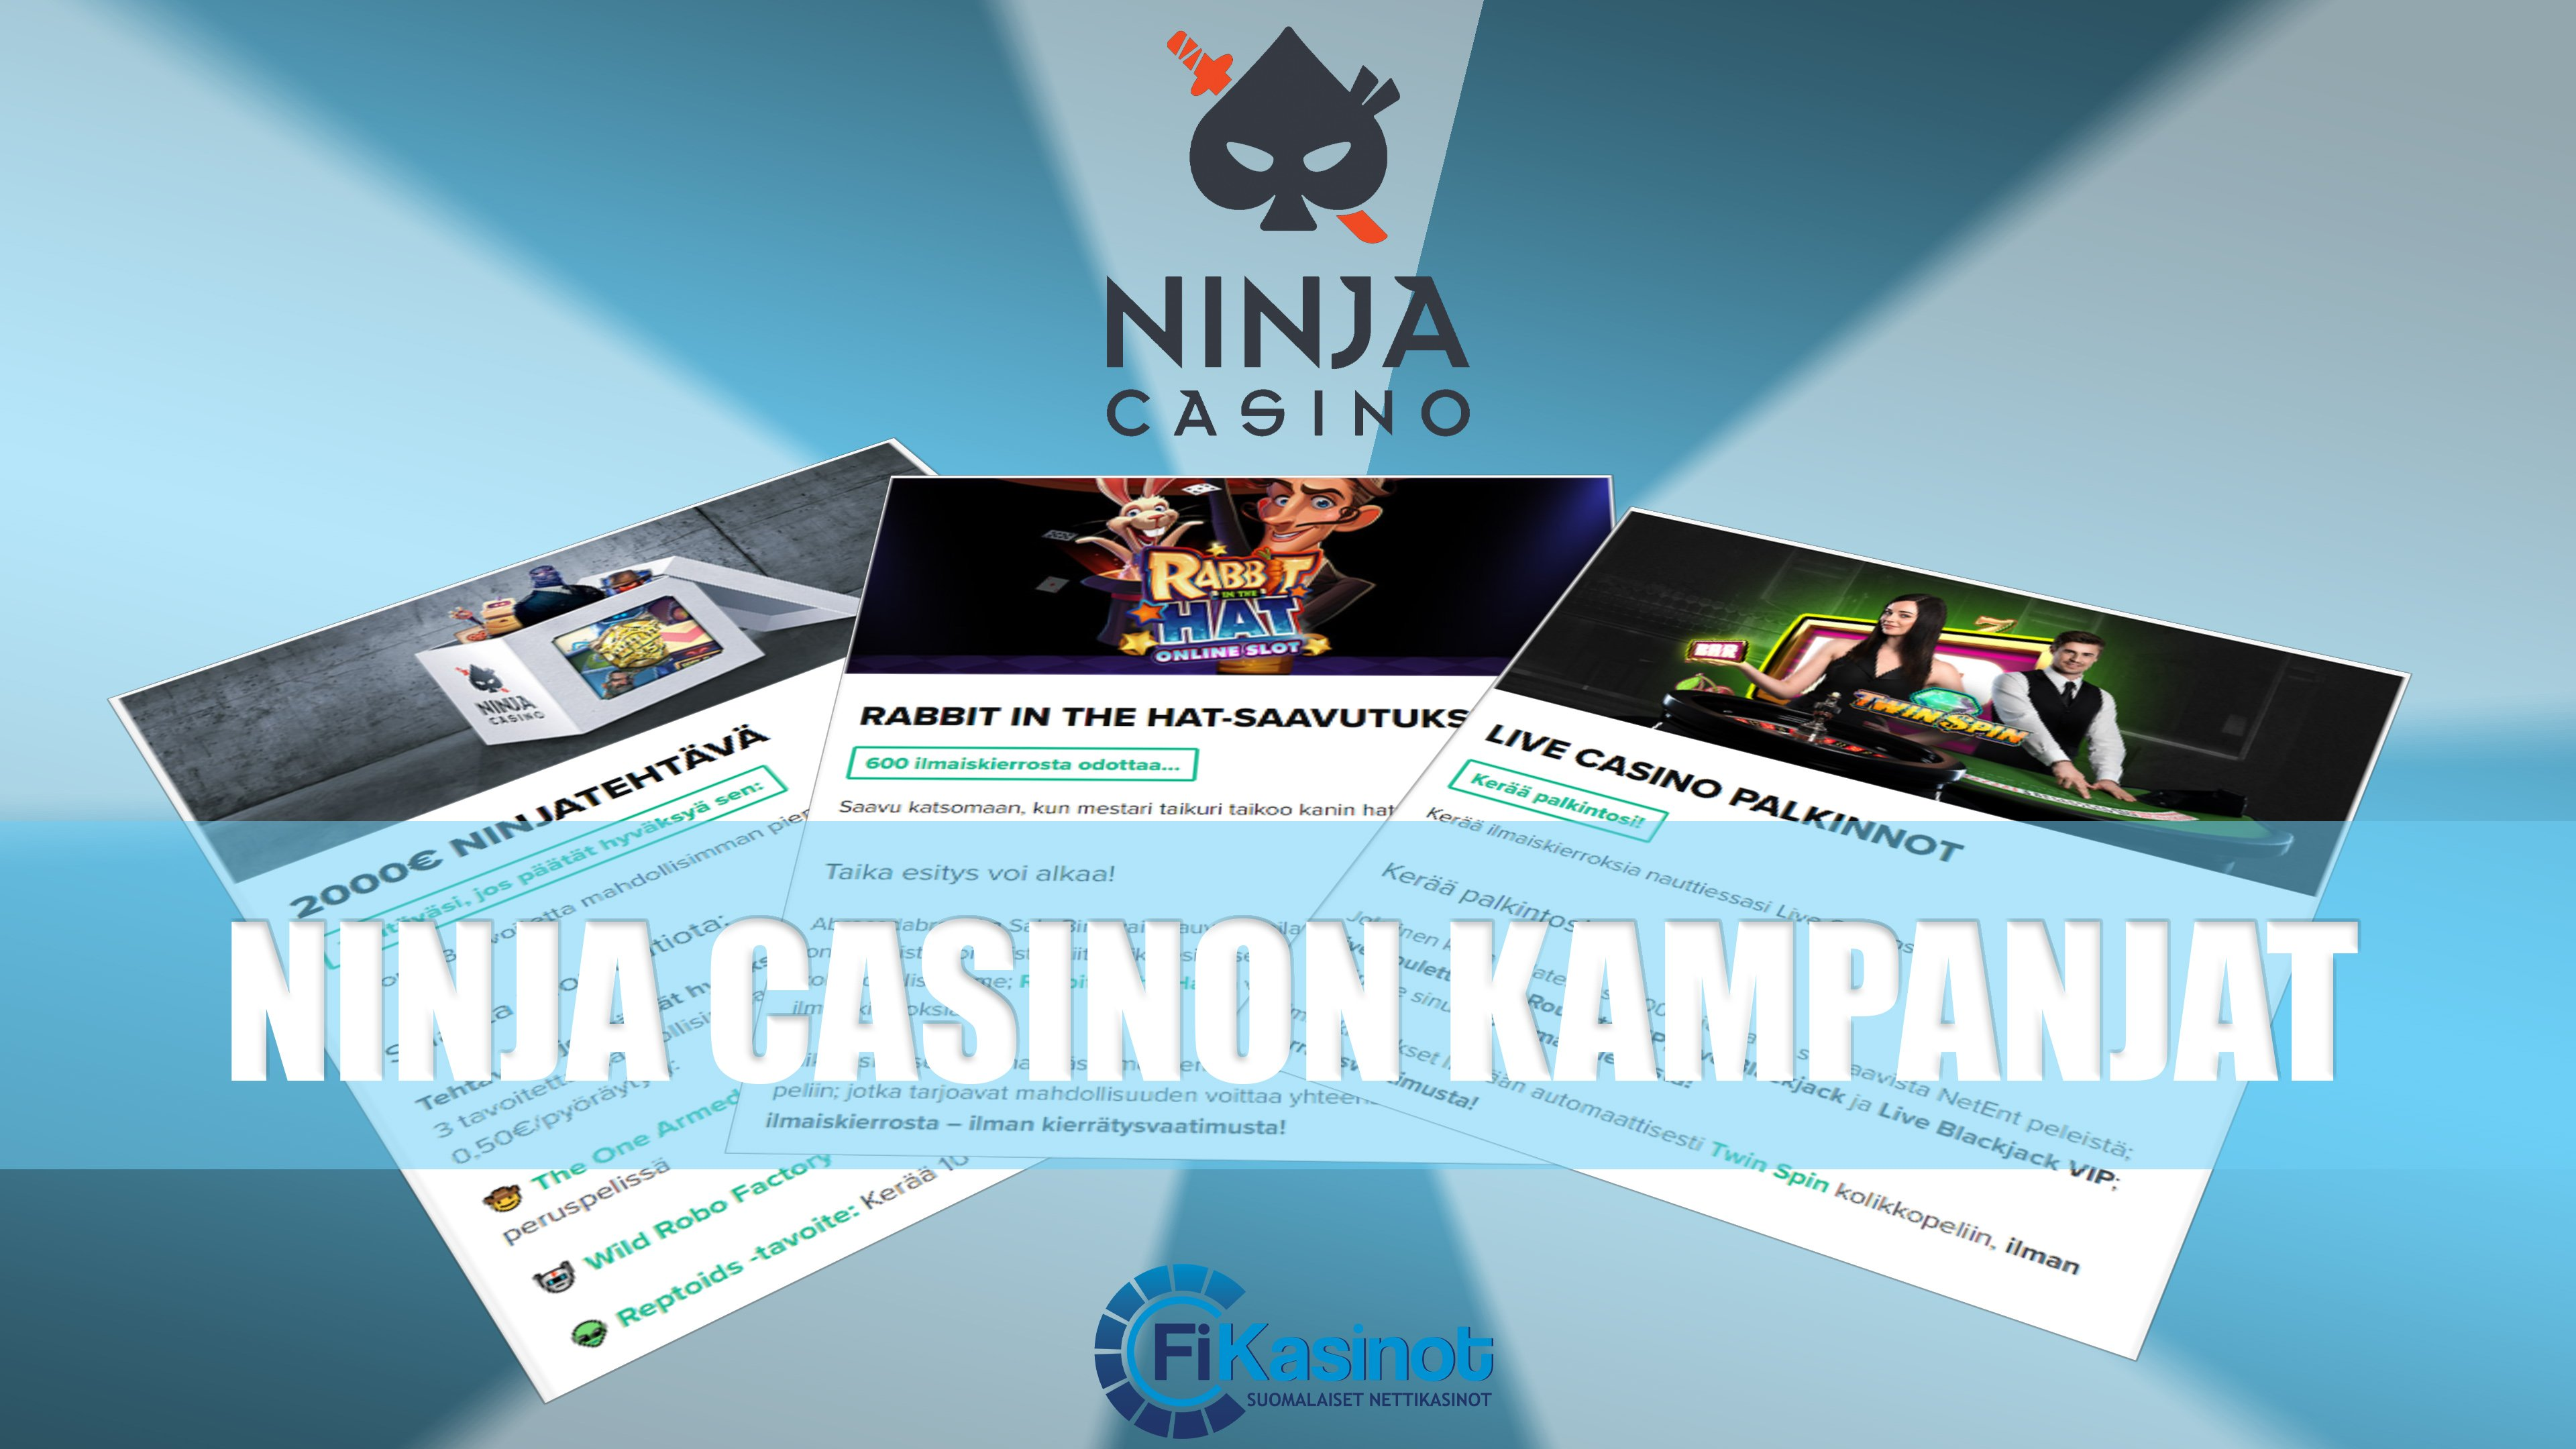 Ninja Casino Suomi lokakuun kampanjat